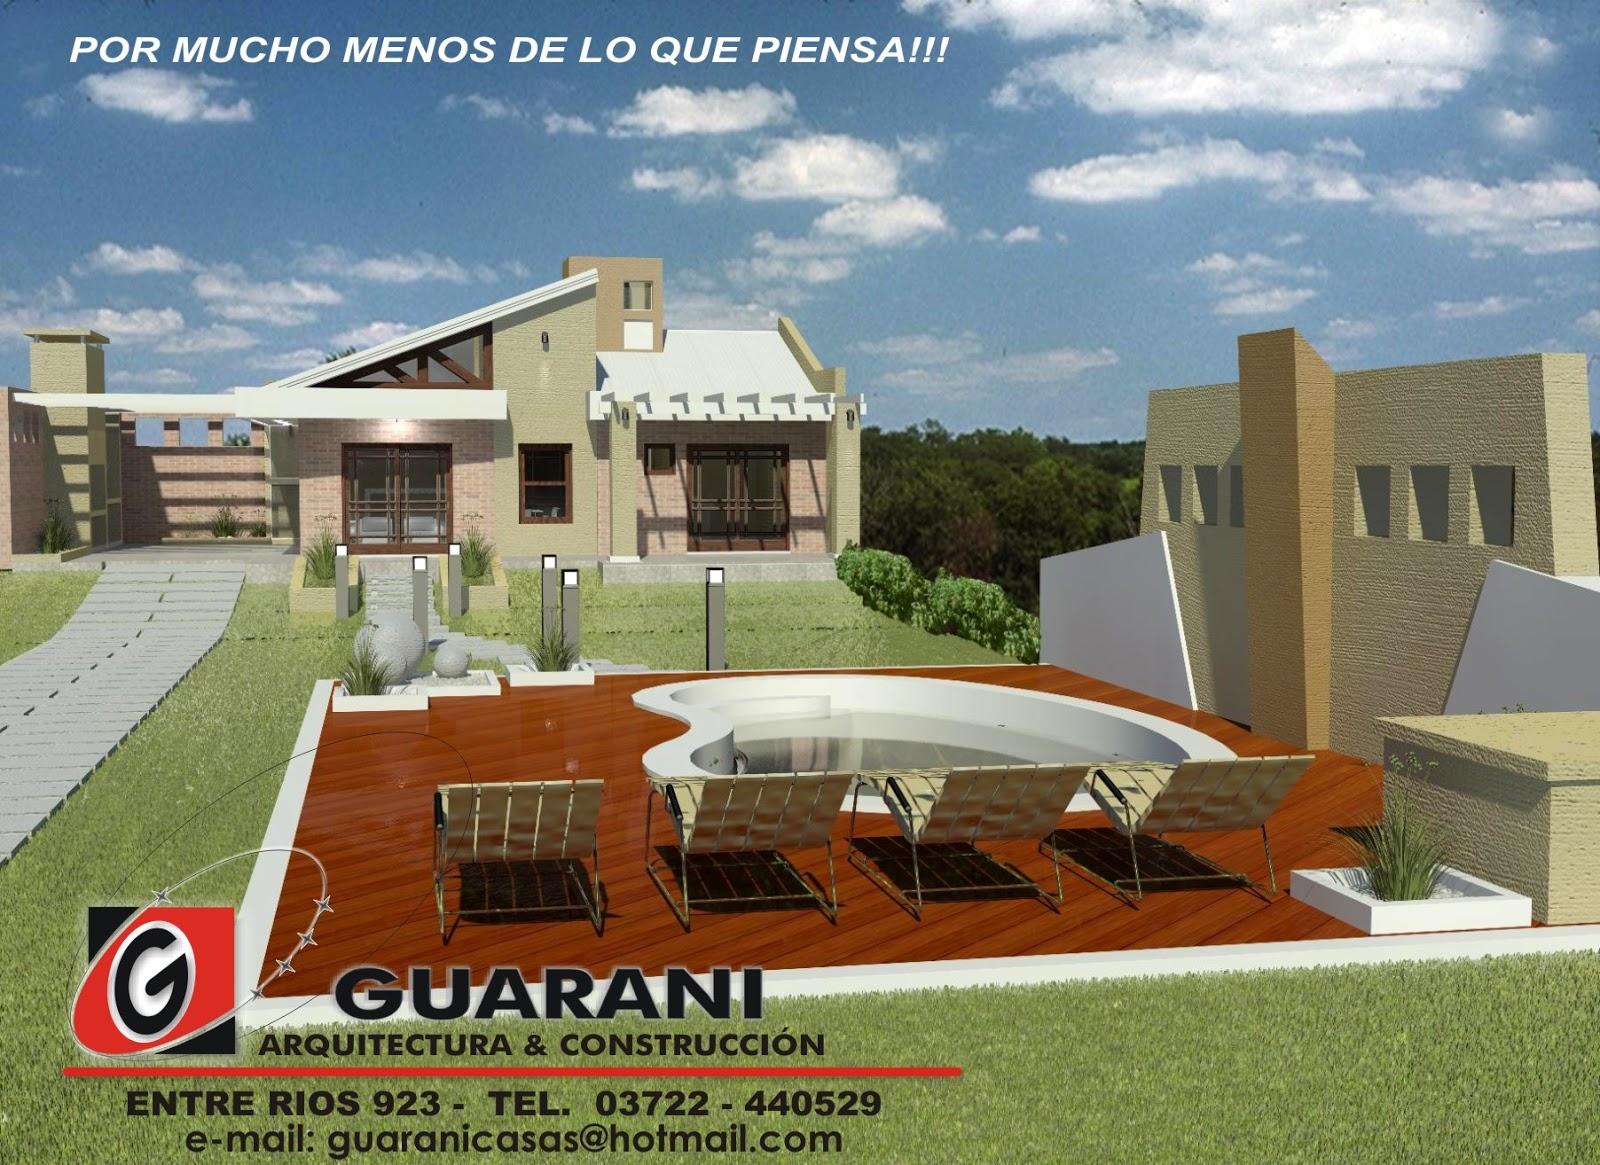 Arquitectura y construccion casa de fin de semana en paso - Casa de fin de semana ...